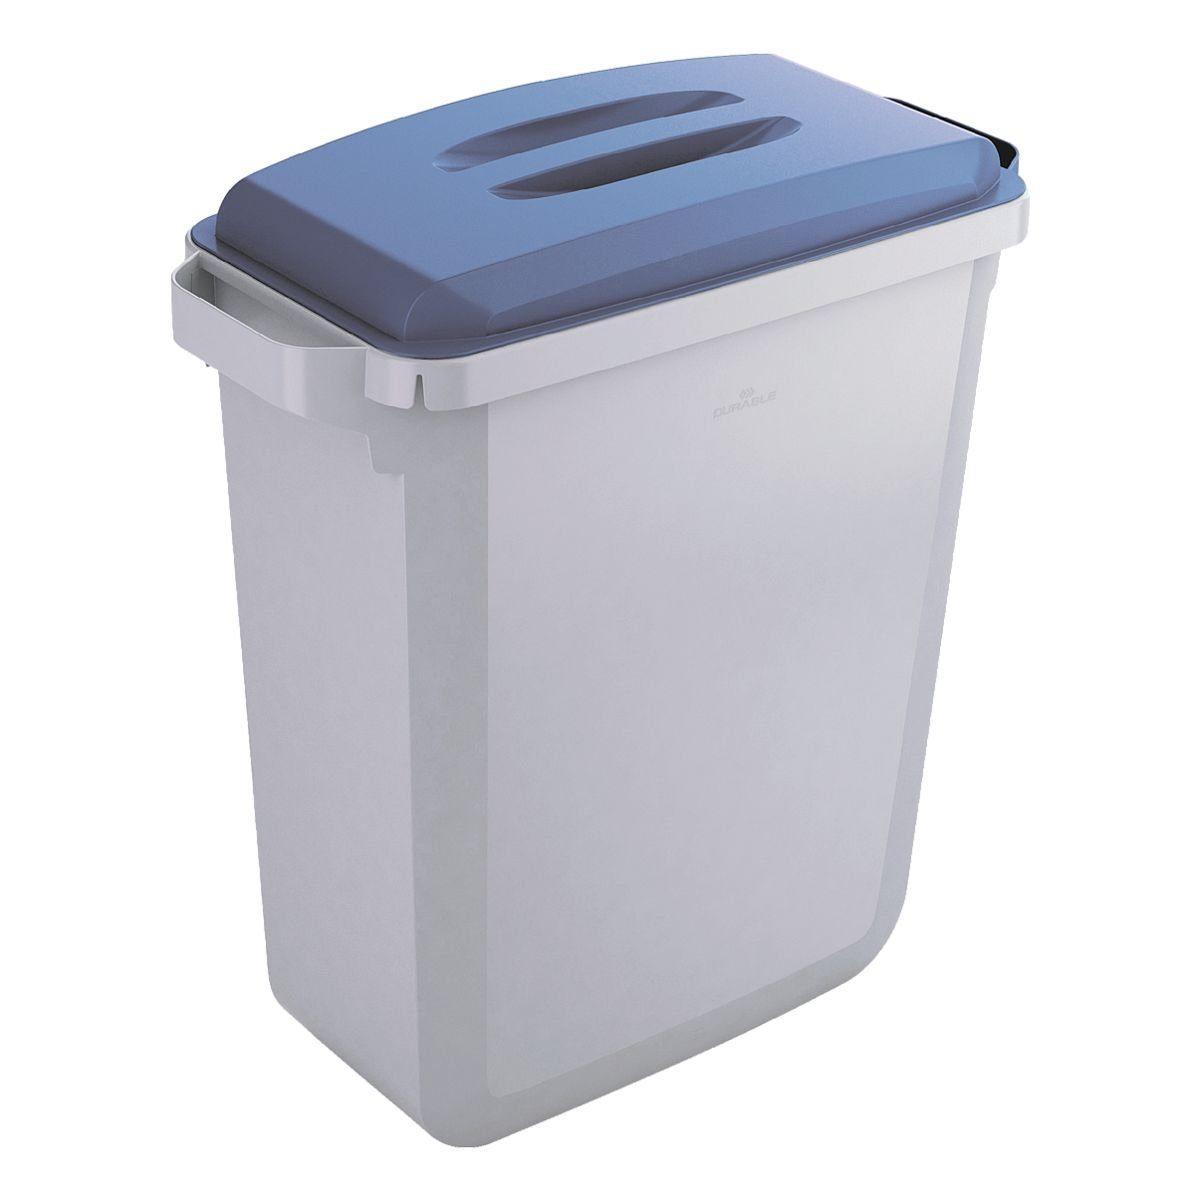 Komplett Neu Durable Mülleimer 60 Liter »Durabin 60« kaufen | OTTO SB54